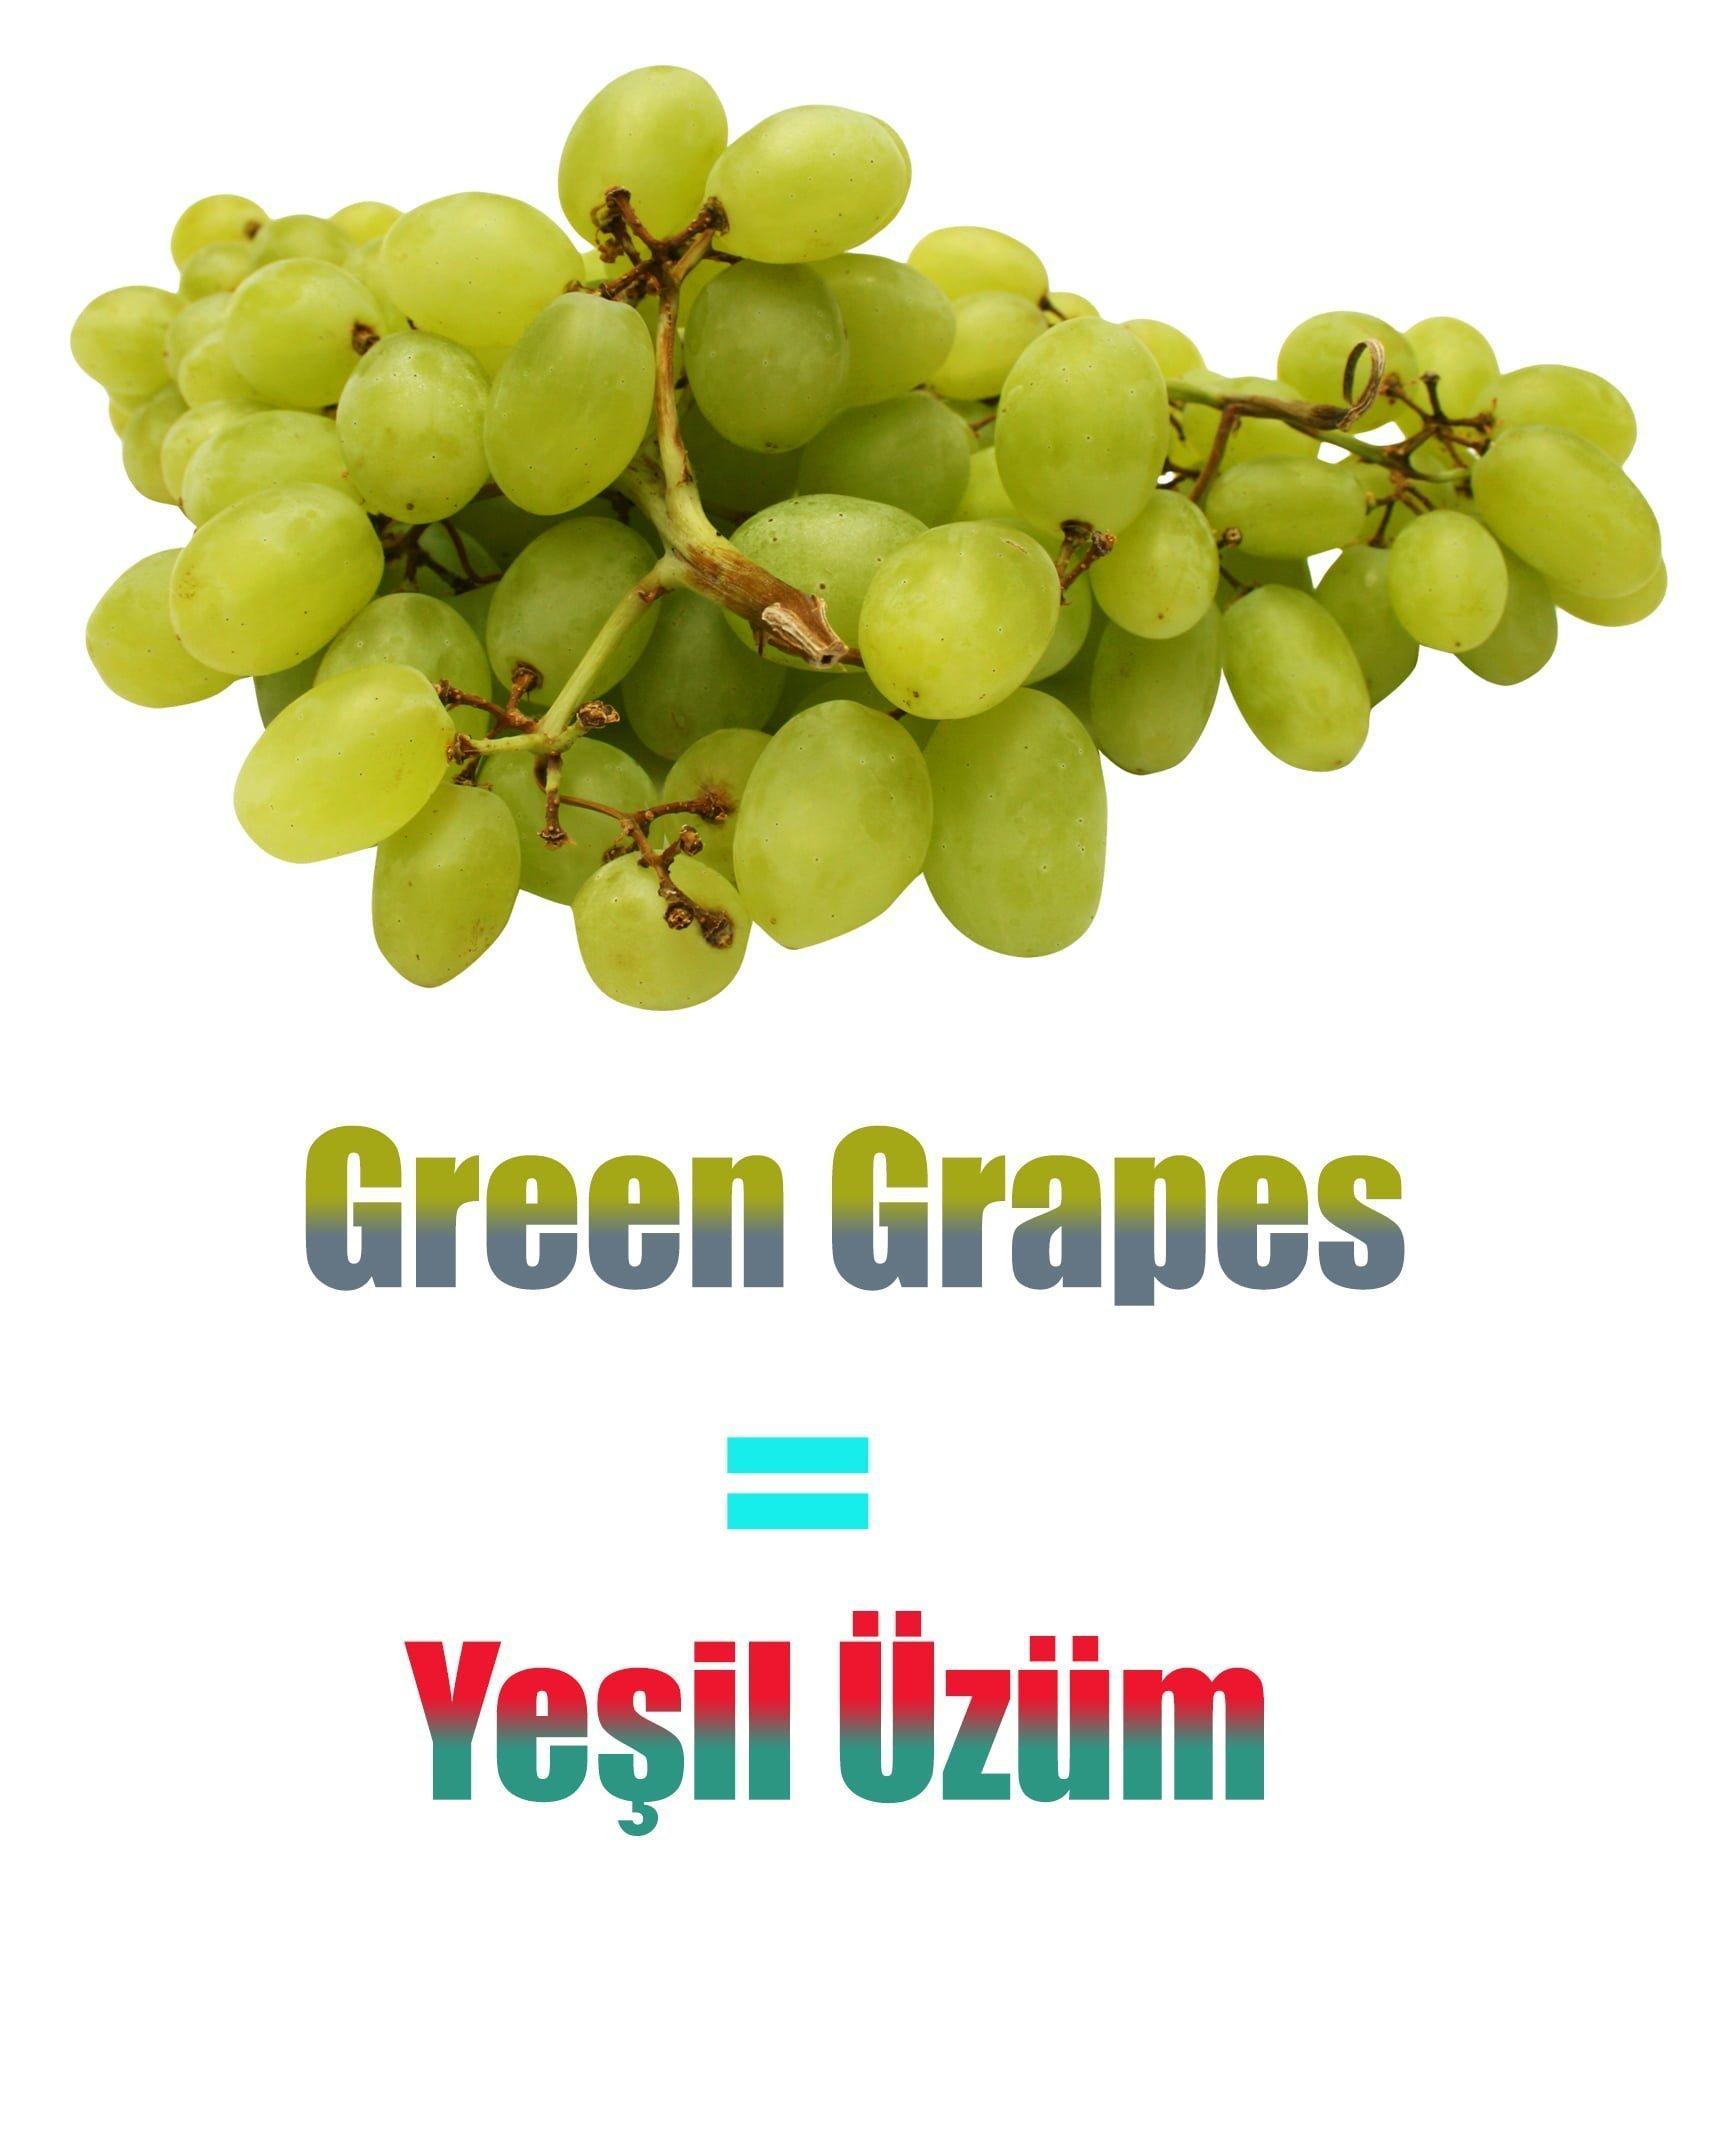 Yeşil Üzümün İngilizcesi (Green Grapes)